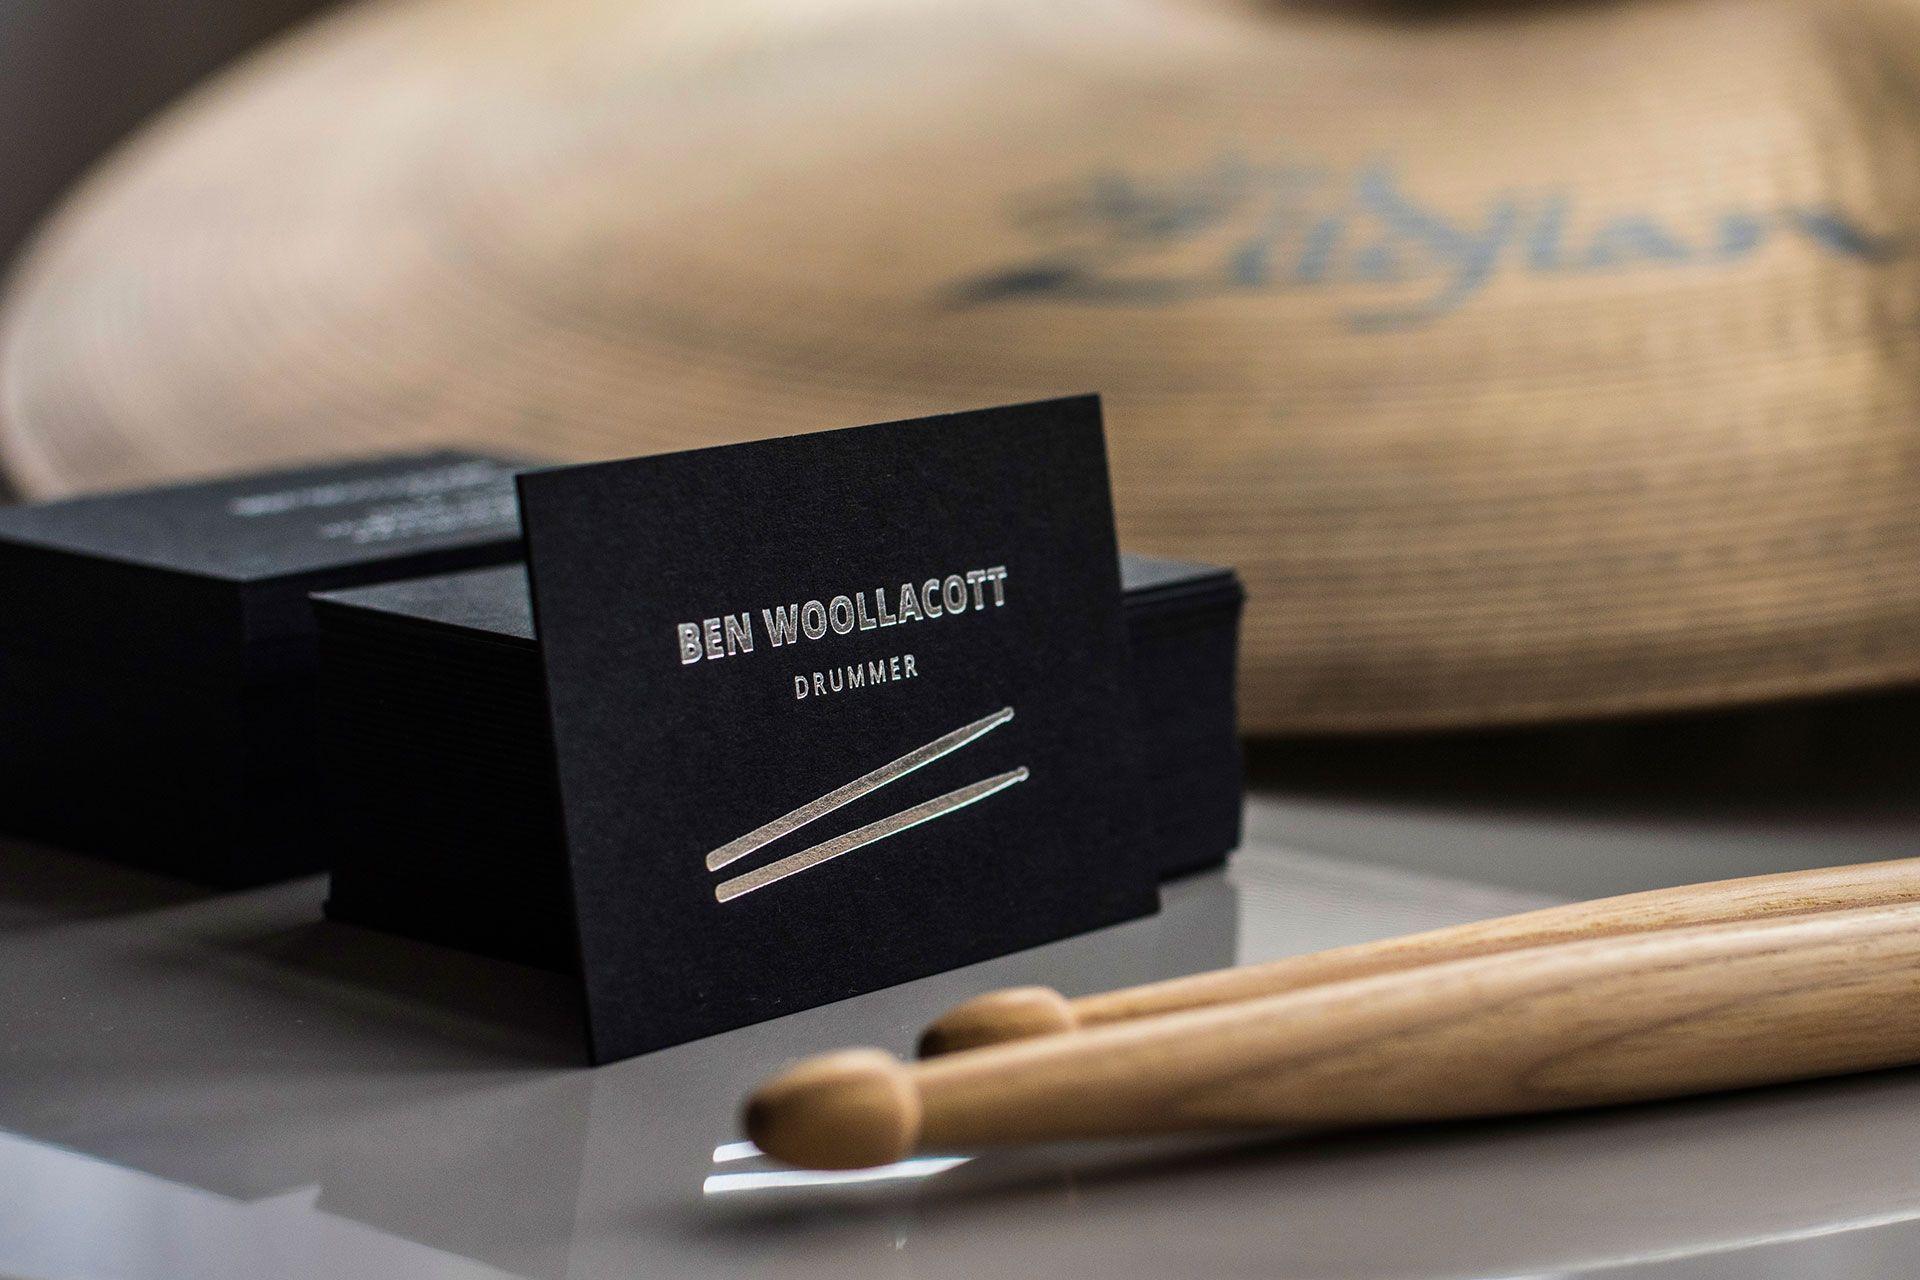 Ben Woollacott drummer business cards branding design Ula Burgiel ...